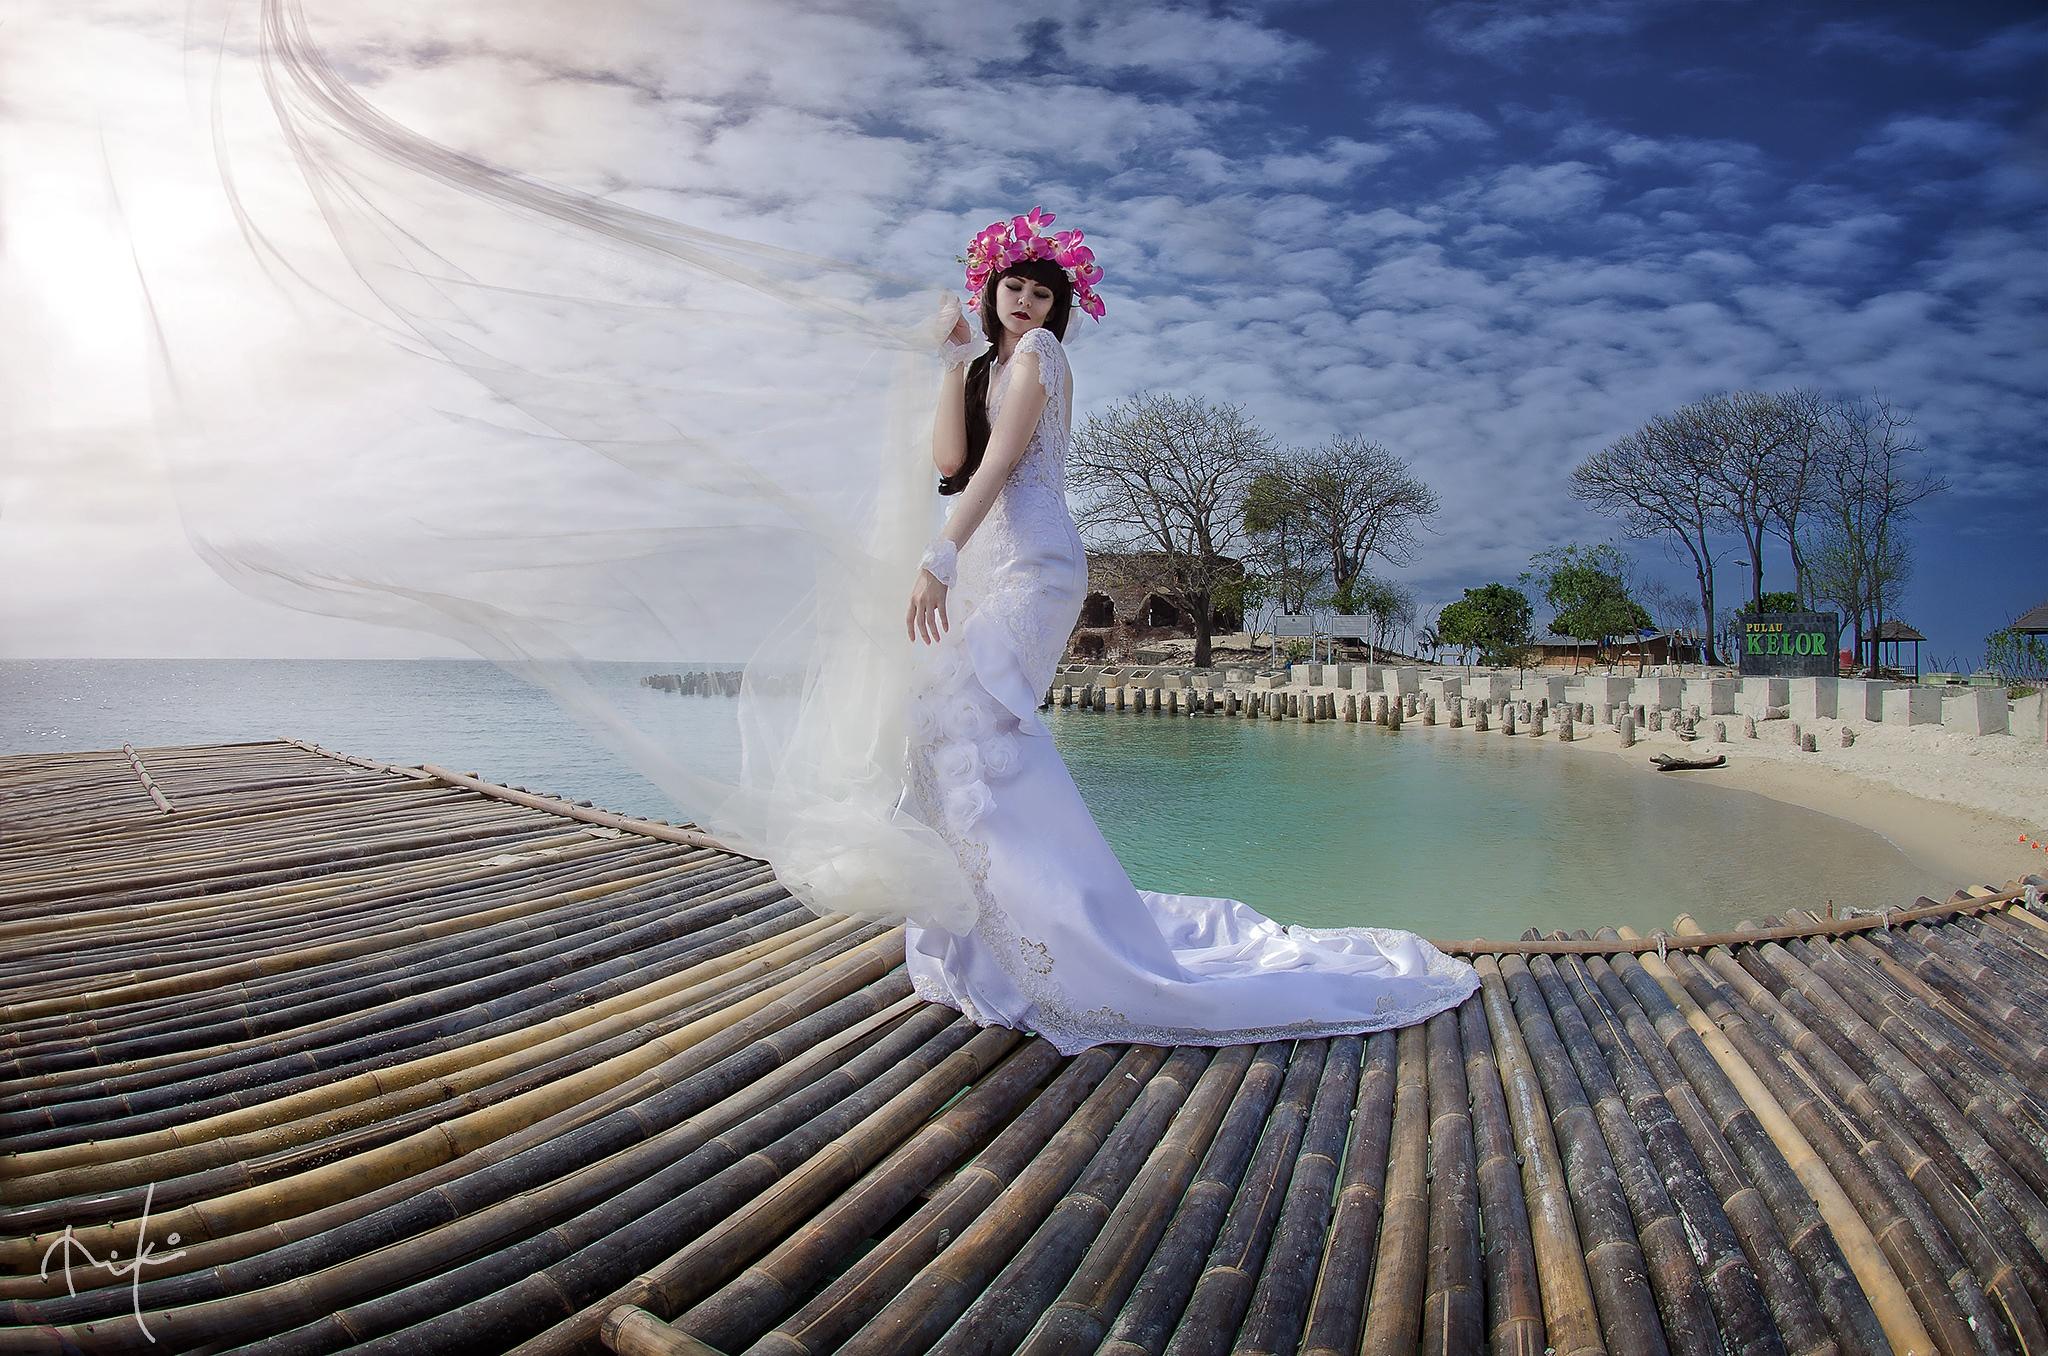 Dancing Queen by Miko Hidayat